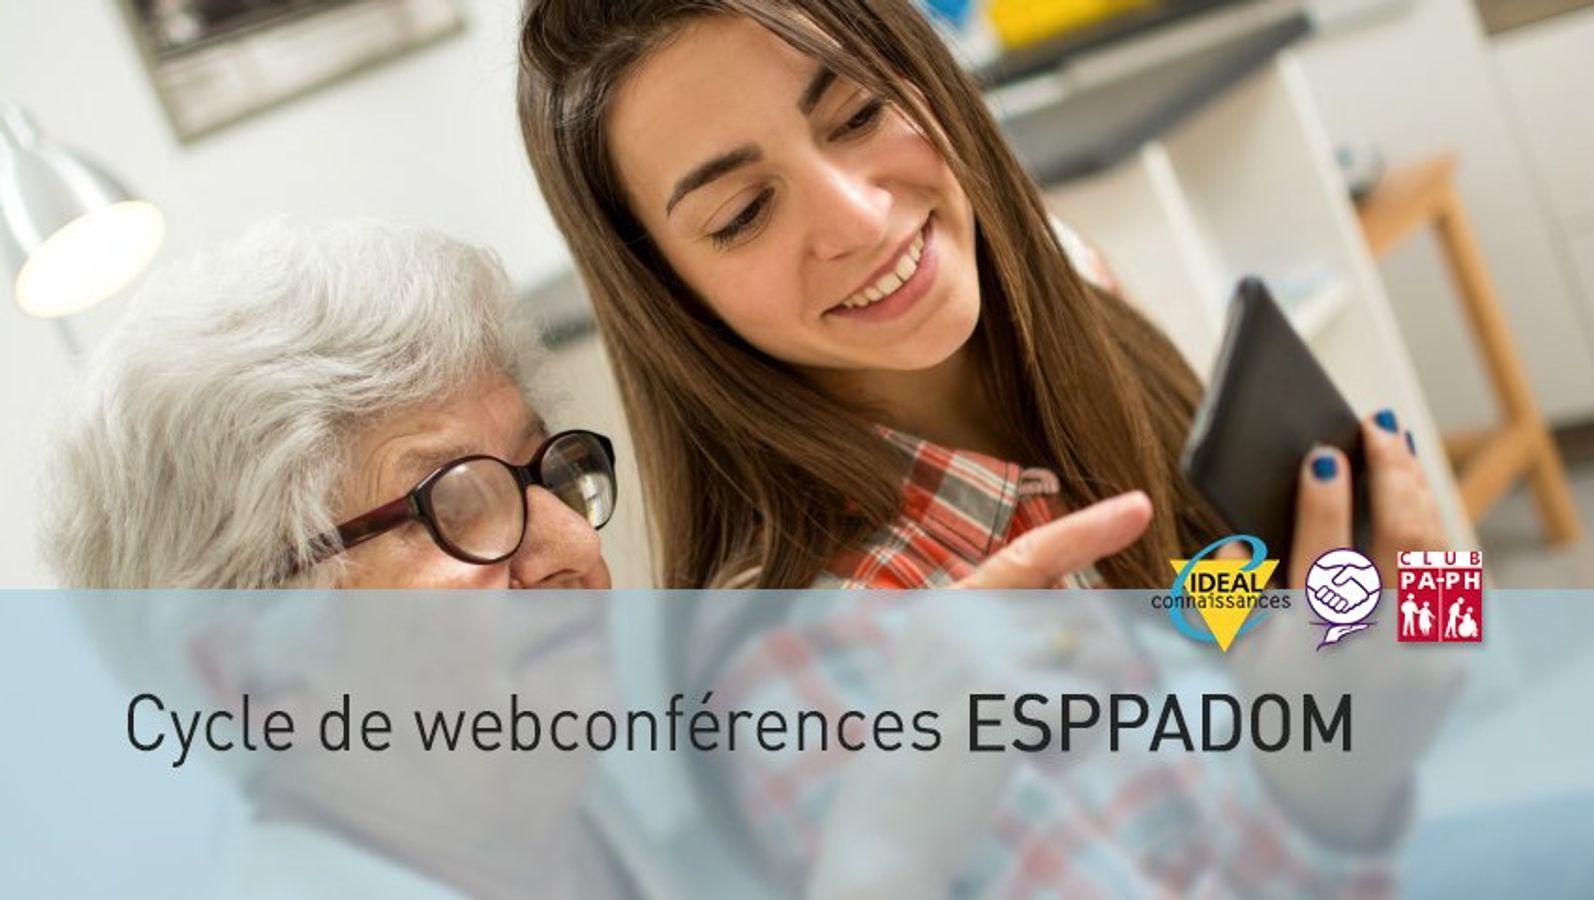 Cycle de webconférences ESPPADOM - Module 3